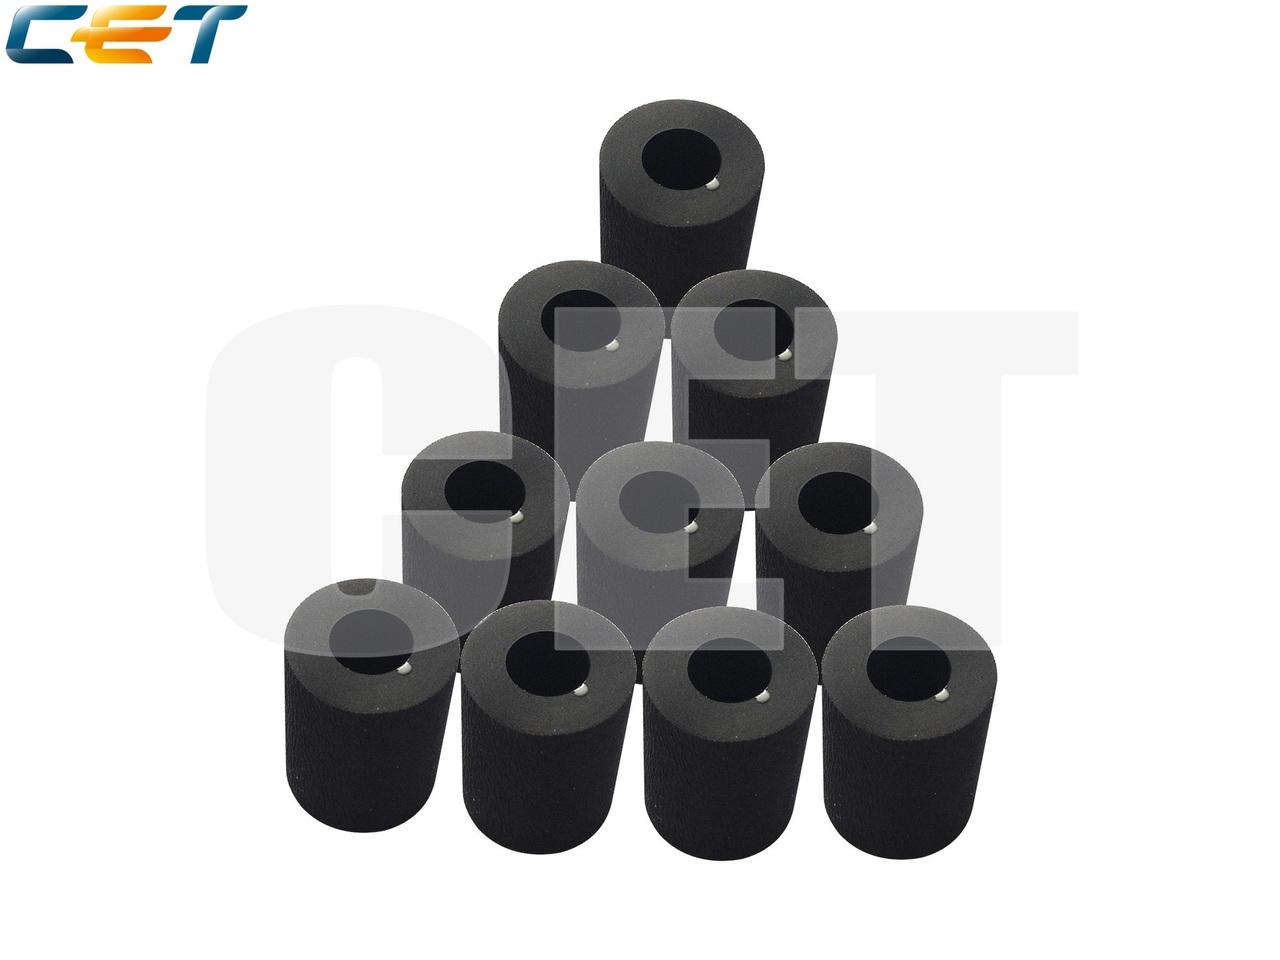 Резинка ролика подхвата 2NG94120 для KYOCERA TASKalfa1800/1801/2200/2201 (CET), CET7829, CET7829R